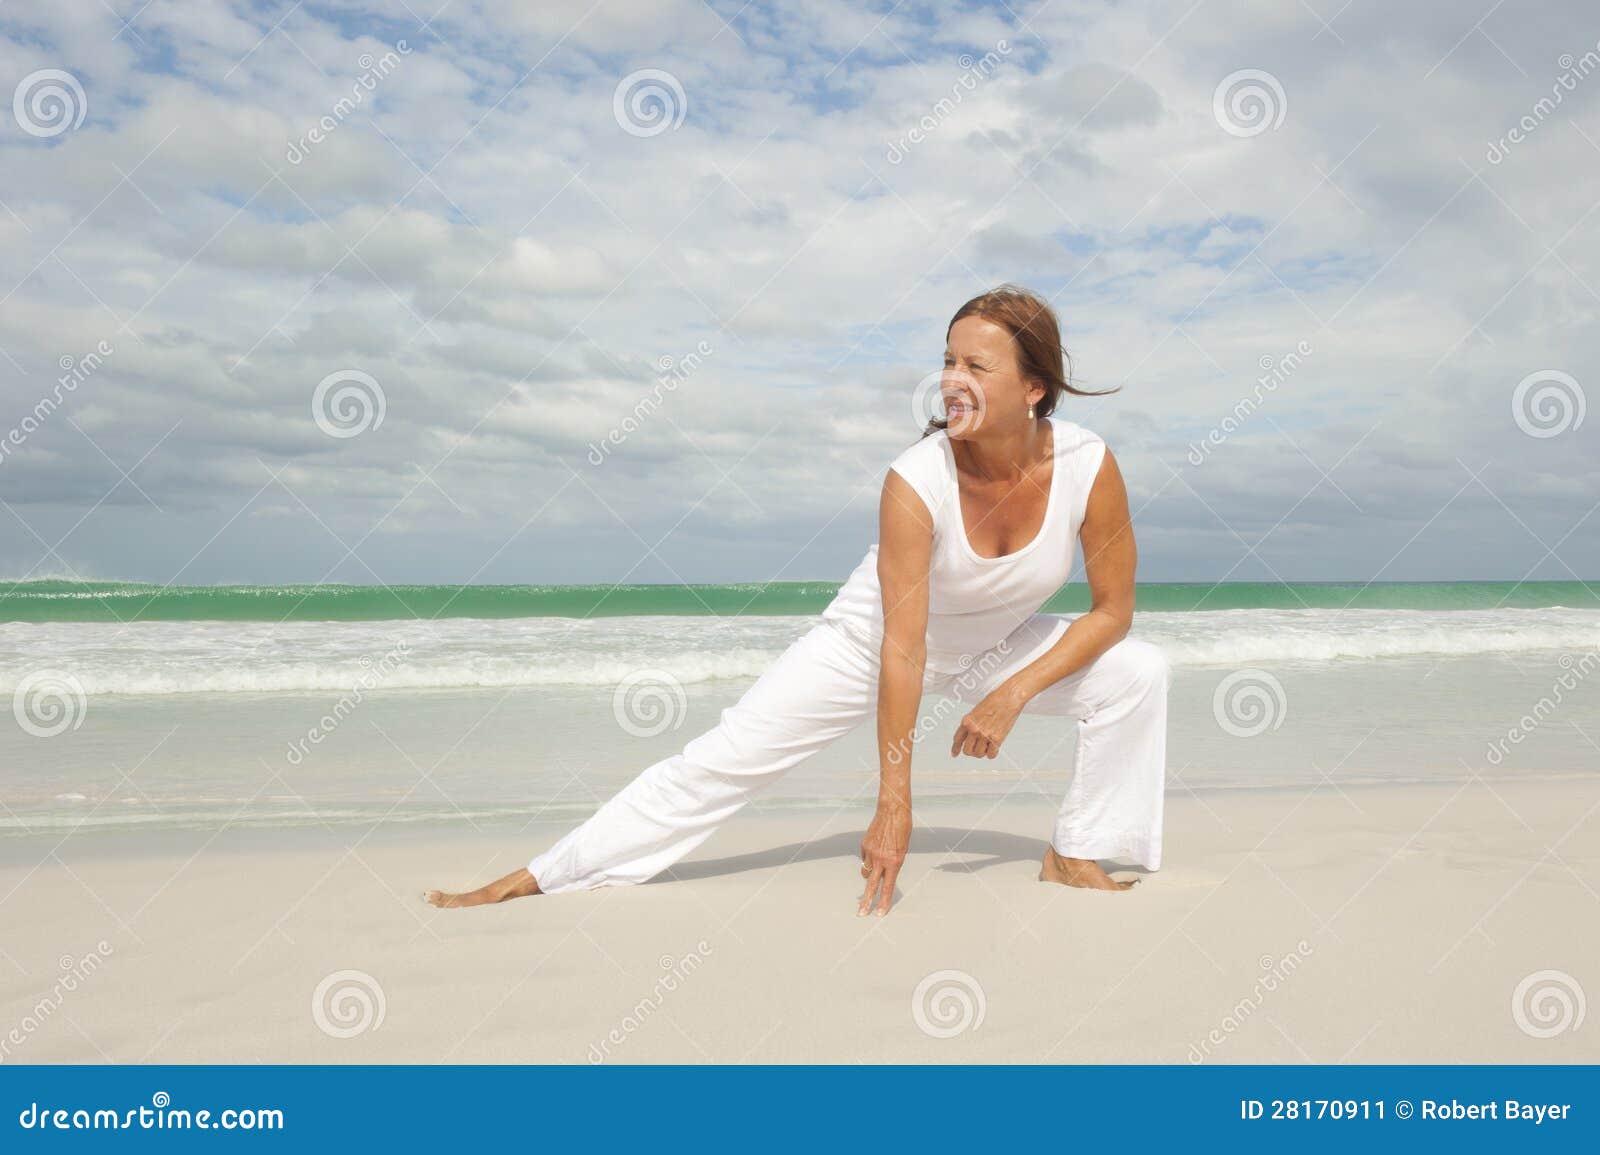 deerfield beach milf women Valueoptions insurance therapists in deerfield beach, fl women's issues therapists in deerfield beach, fl 65+ therapists in 33442 add therapists in 33442.